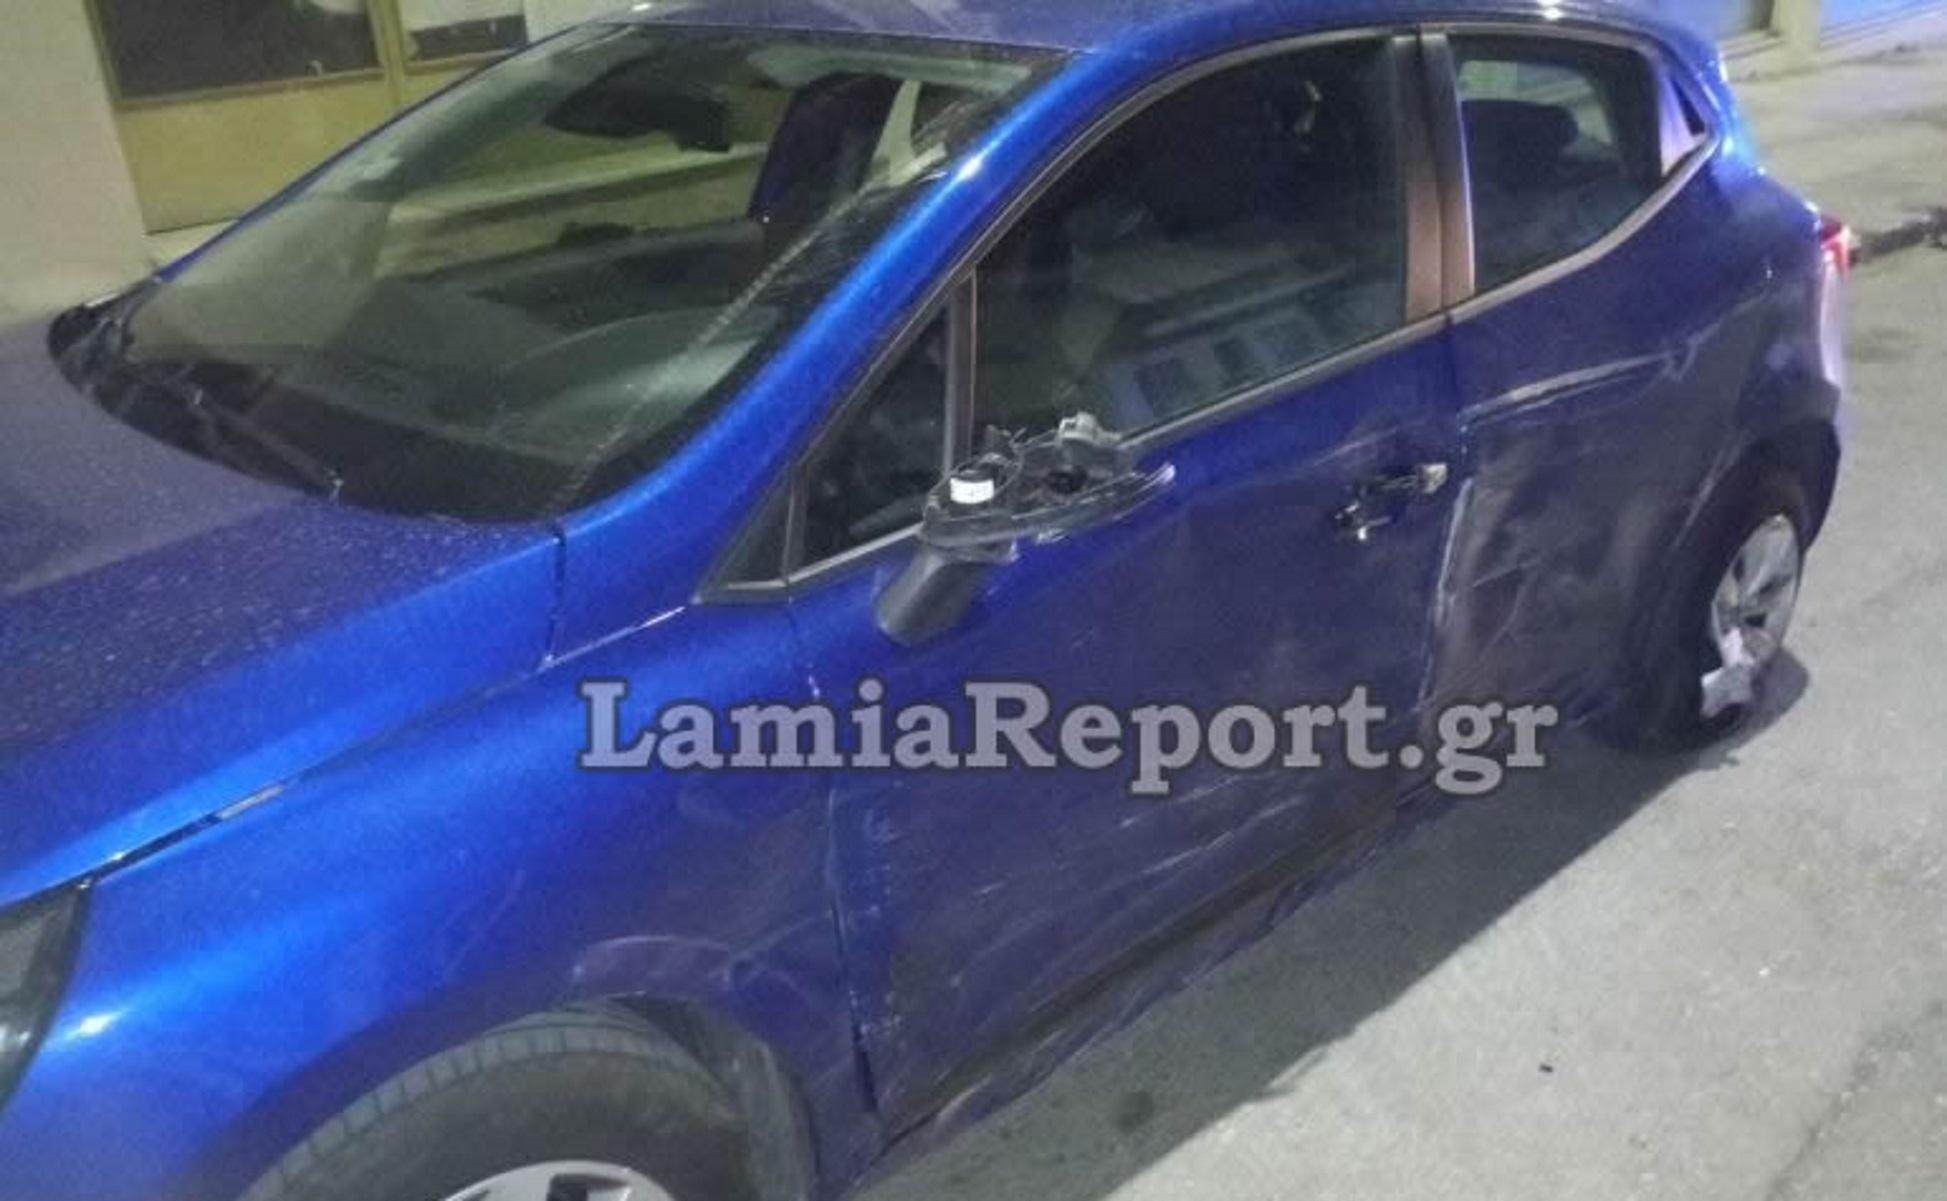 Λαμία: Μεθυσμένος οδηγός σκόρπισε τον πανικό – Συγκρούστηκε με αυτοκίνητο και γκρέμισε κολόνα